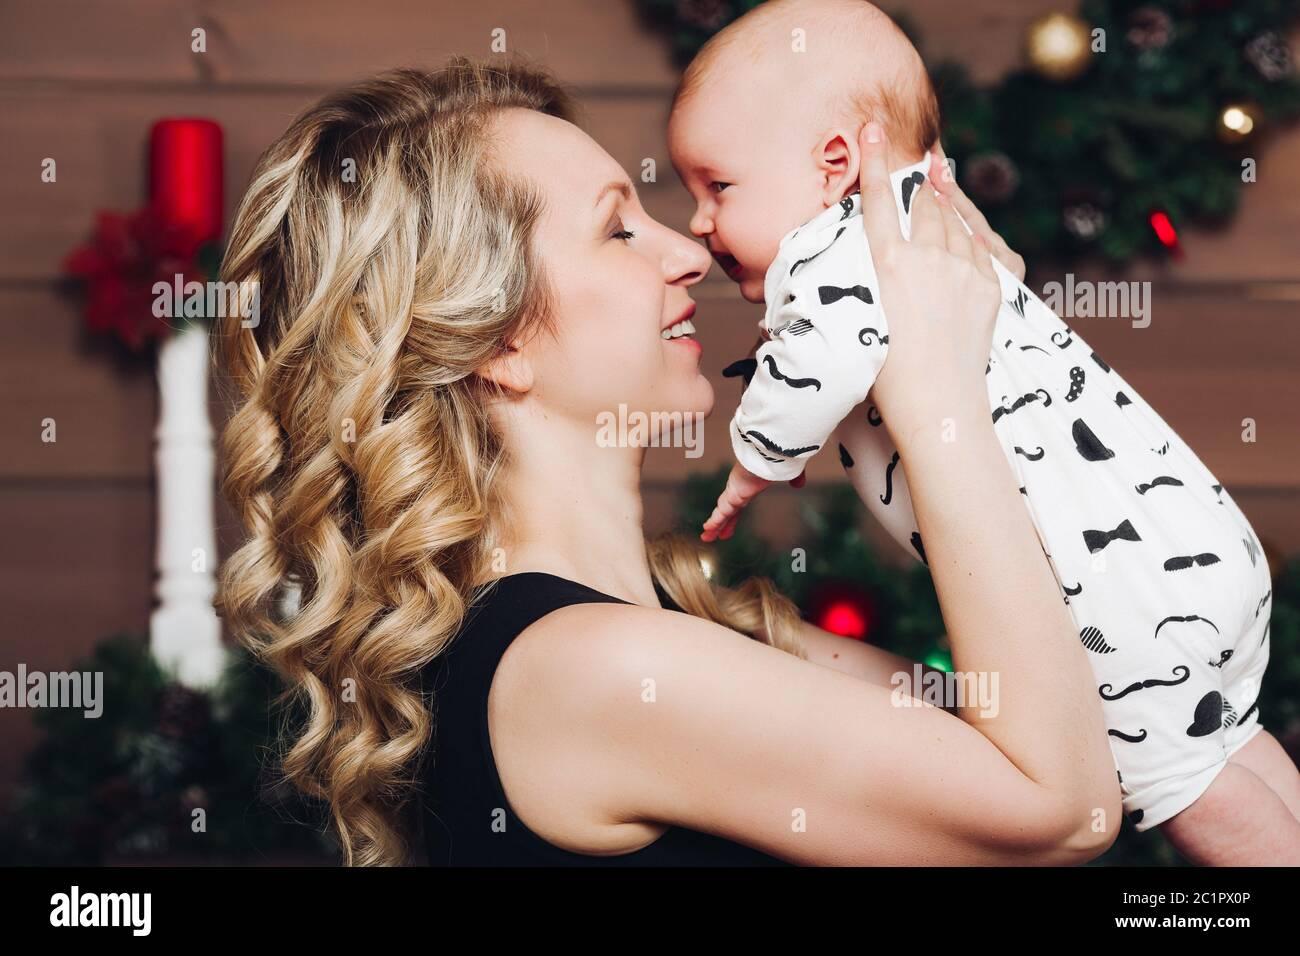 Junge mit schönen blonden Mutter umarmt in eingerichtete Studio für Weihnachten. Stockfoto